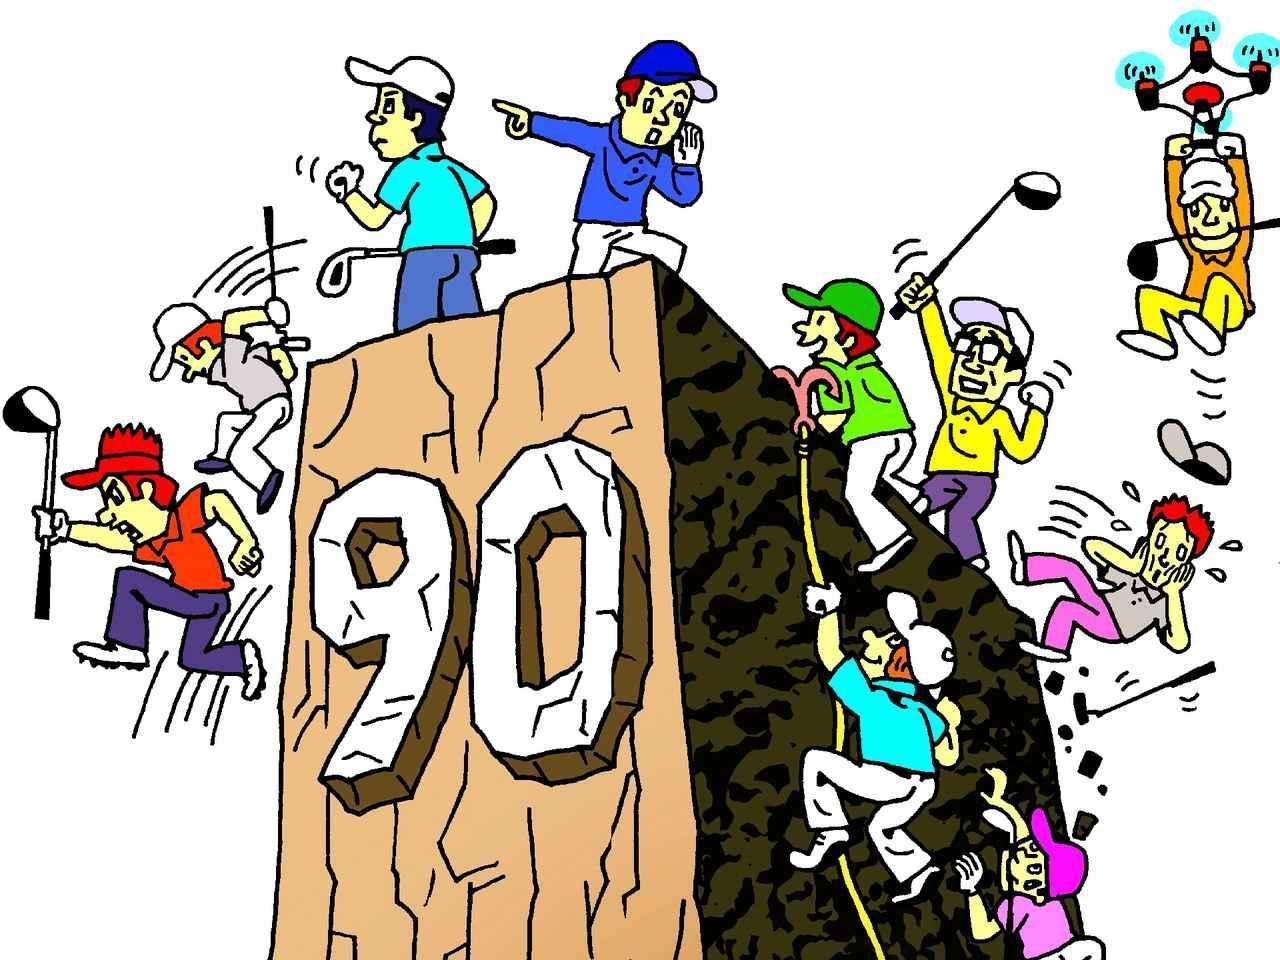 画像: 【スコアの壁の破り方】私はこれでシングルに!(その2)「必ず1打で乗せる」アプローチ - ゴルフへ行こうWEB by ゴルフダイジェスト